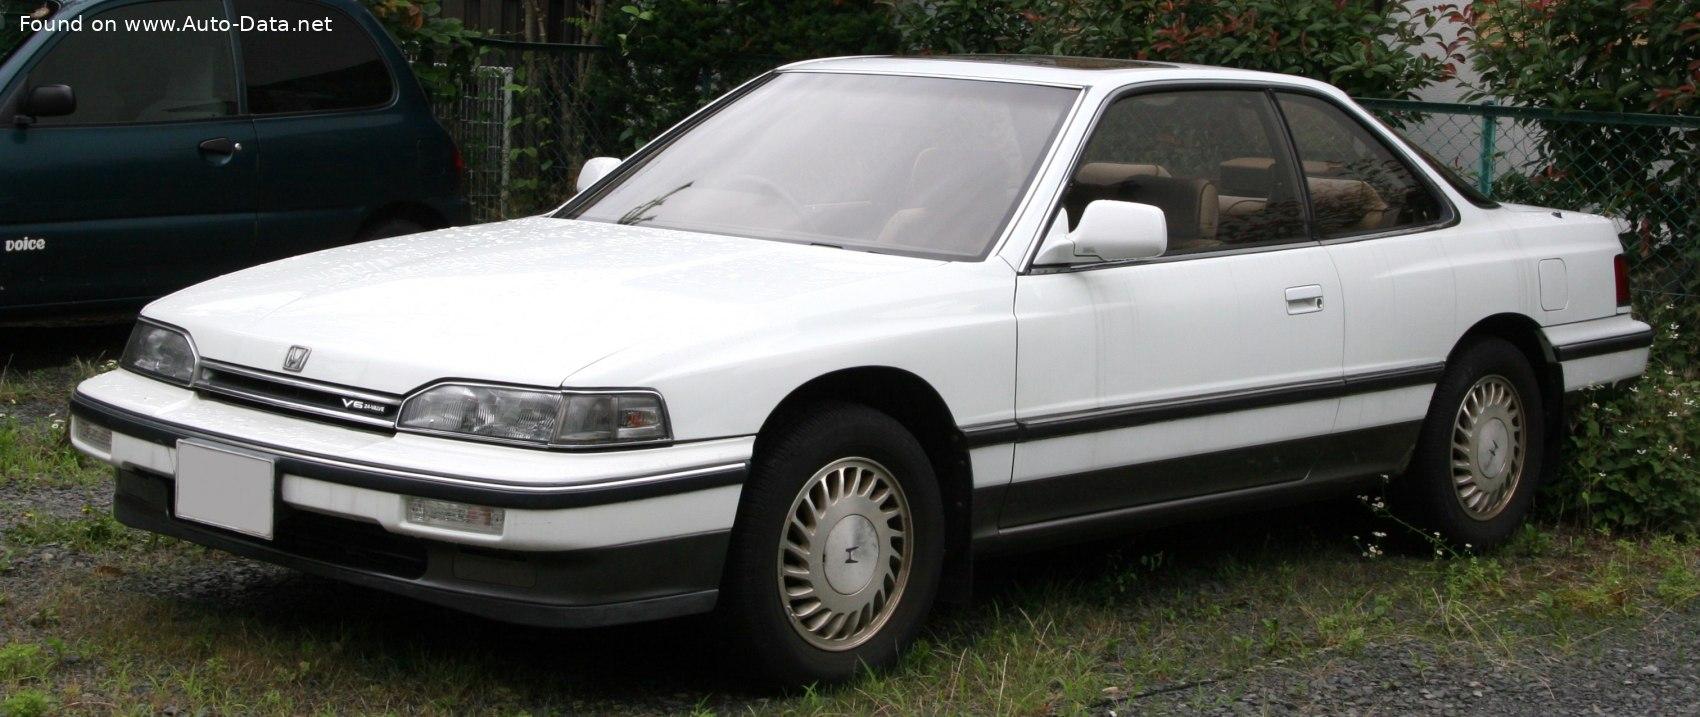 1986 Honda Legend I Coupe (KA3) 2.7 i 24V (169 Hp ...